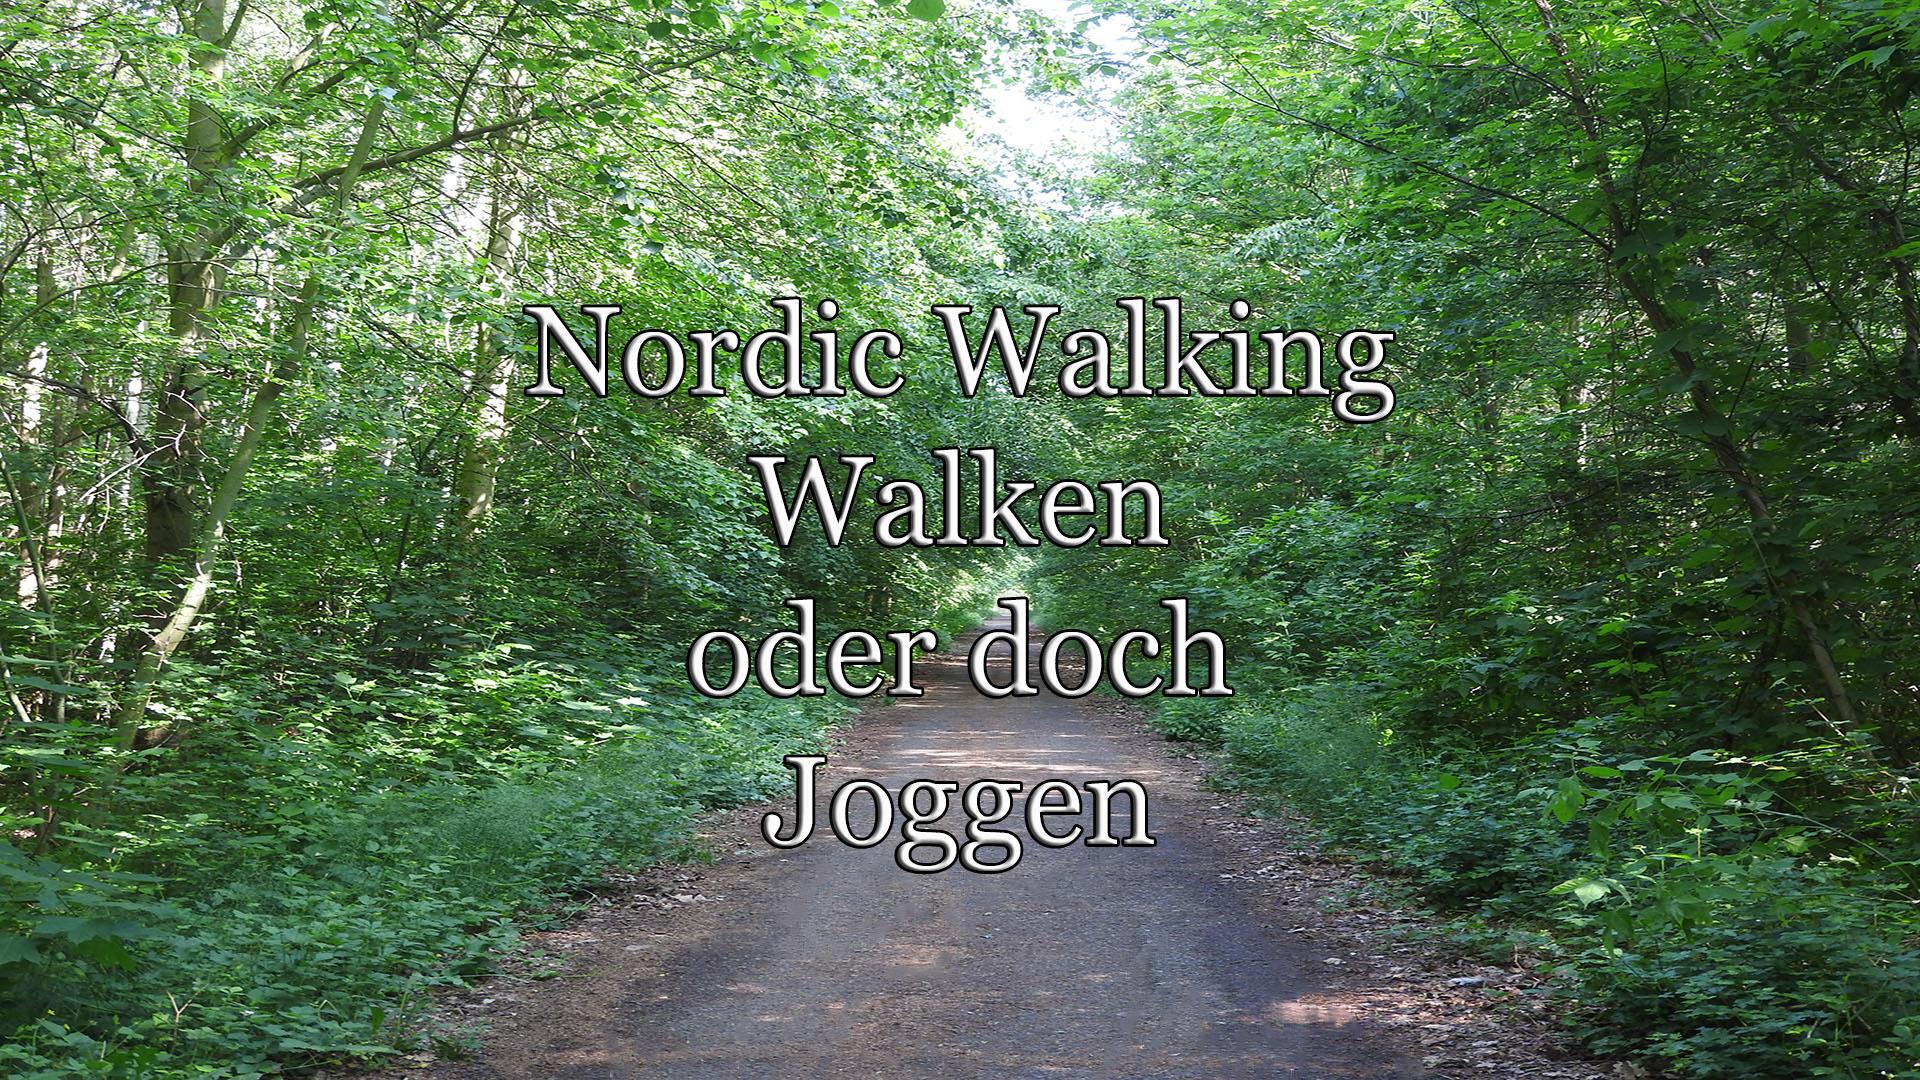 Walken, Nordic Walking oder doch Joggen